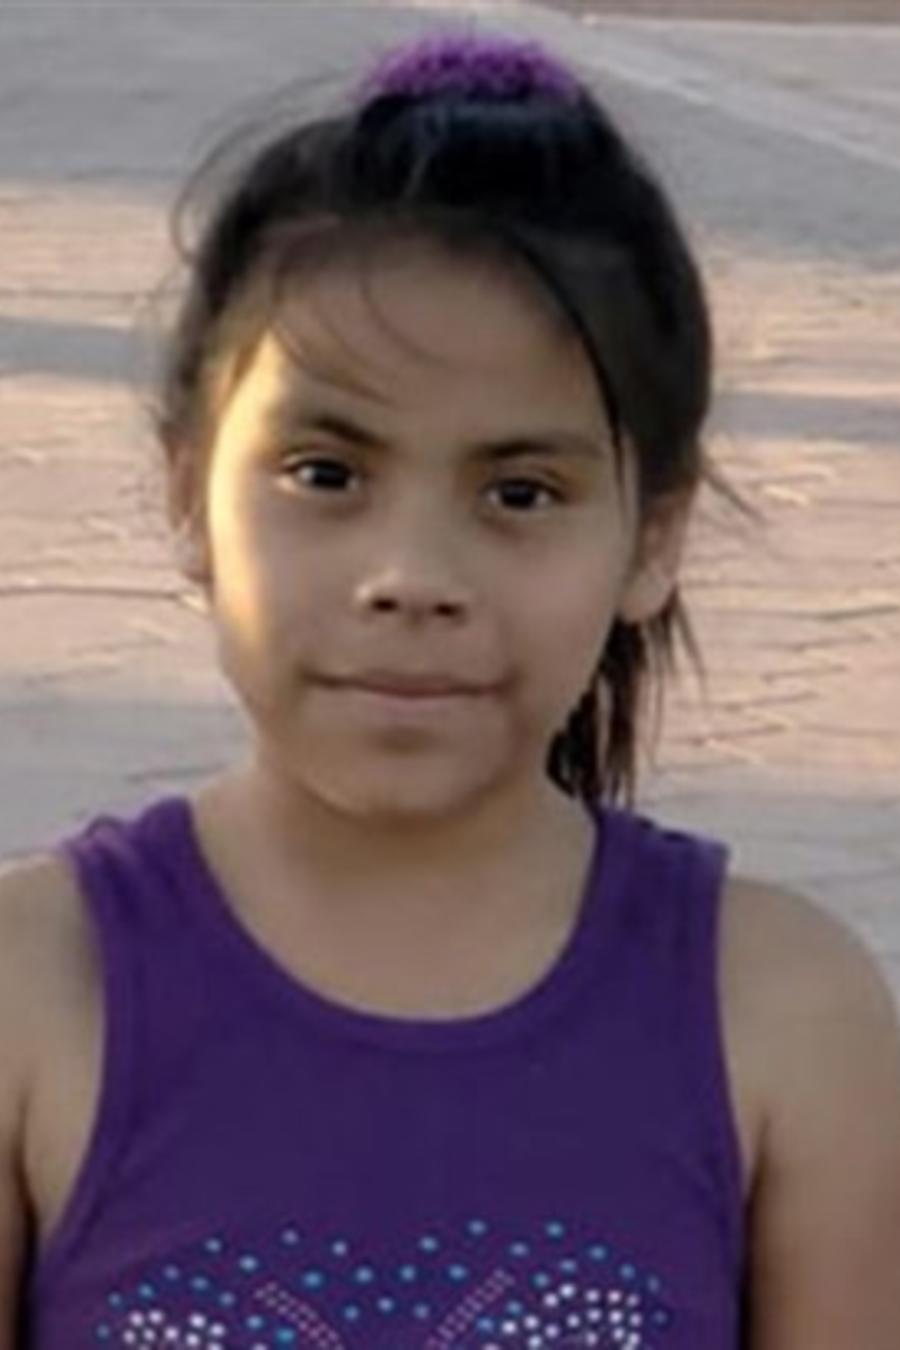 La niña Yeisvi Carrillo, ciudadana de EEUU. Su madre enfrenta deportación a Guatemala tras ser detenidas en la frontera